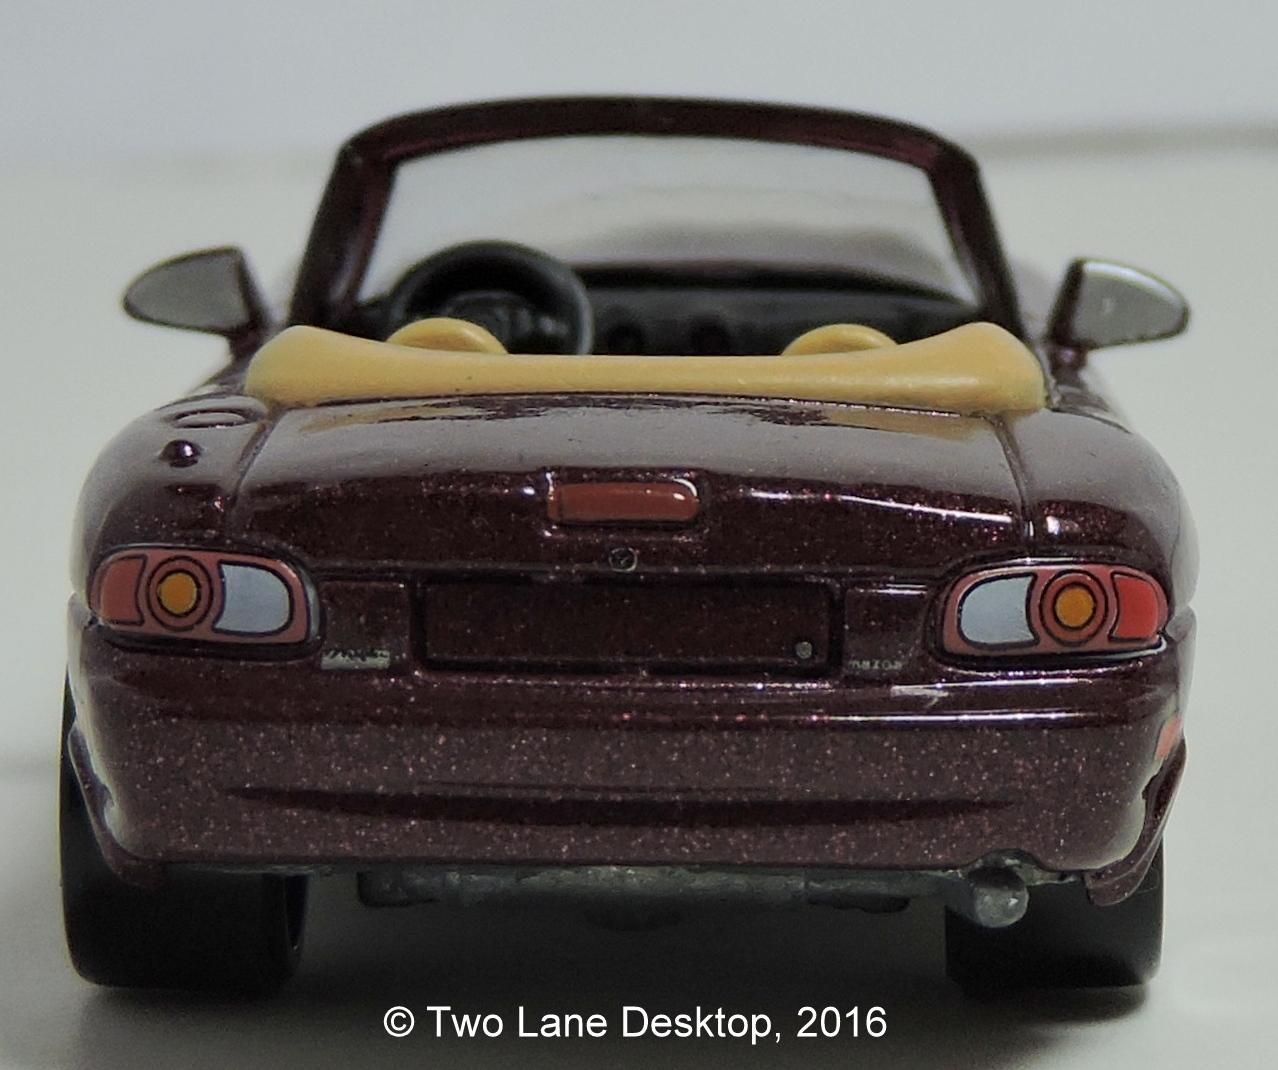 Two Lane Desktop: Hot Wheels 2015 Mazda MX-5 Miata, 1990